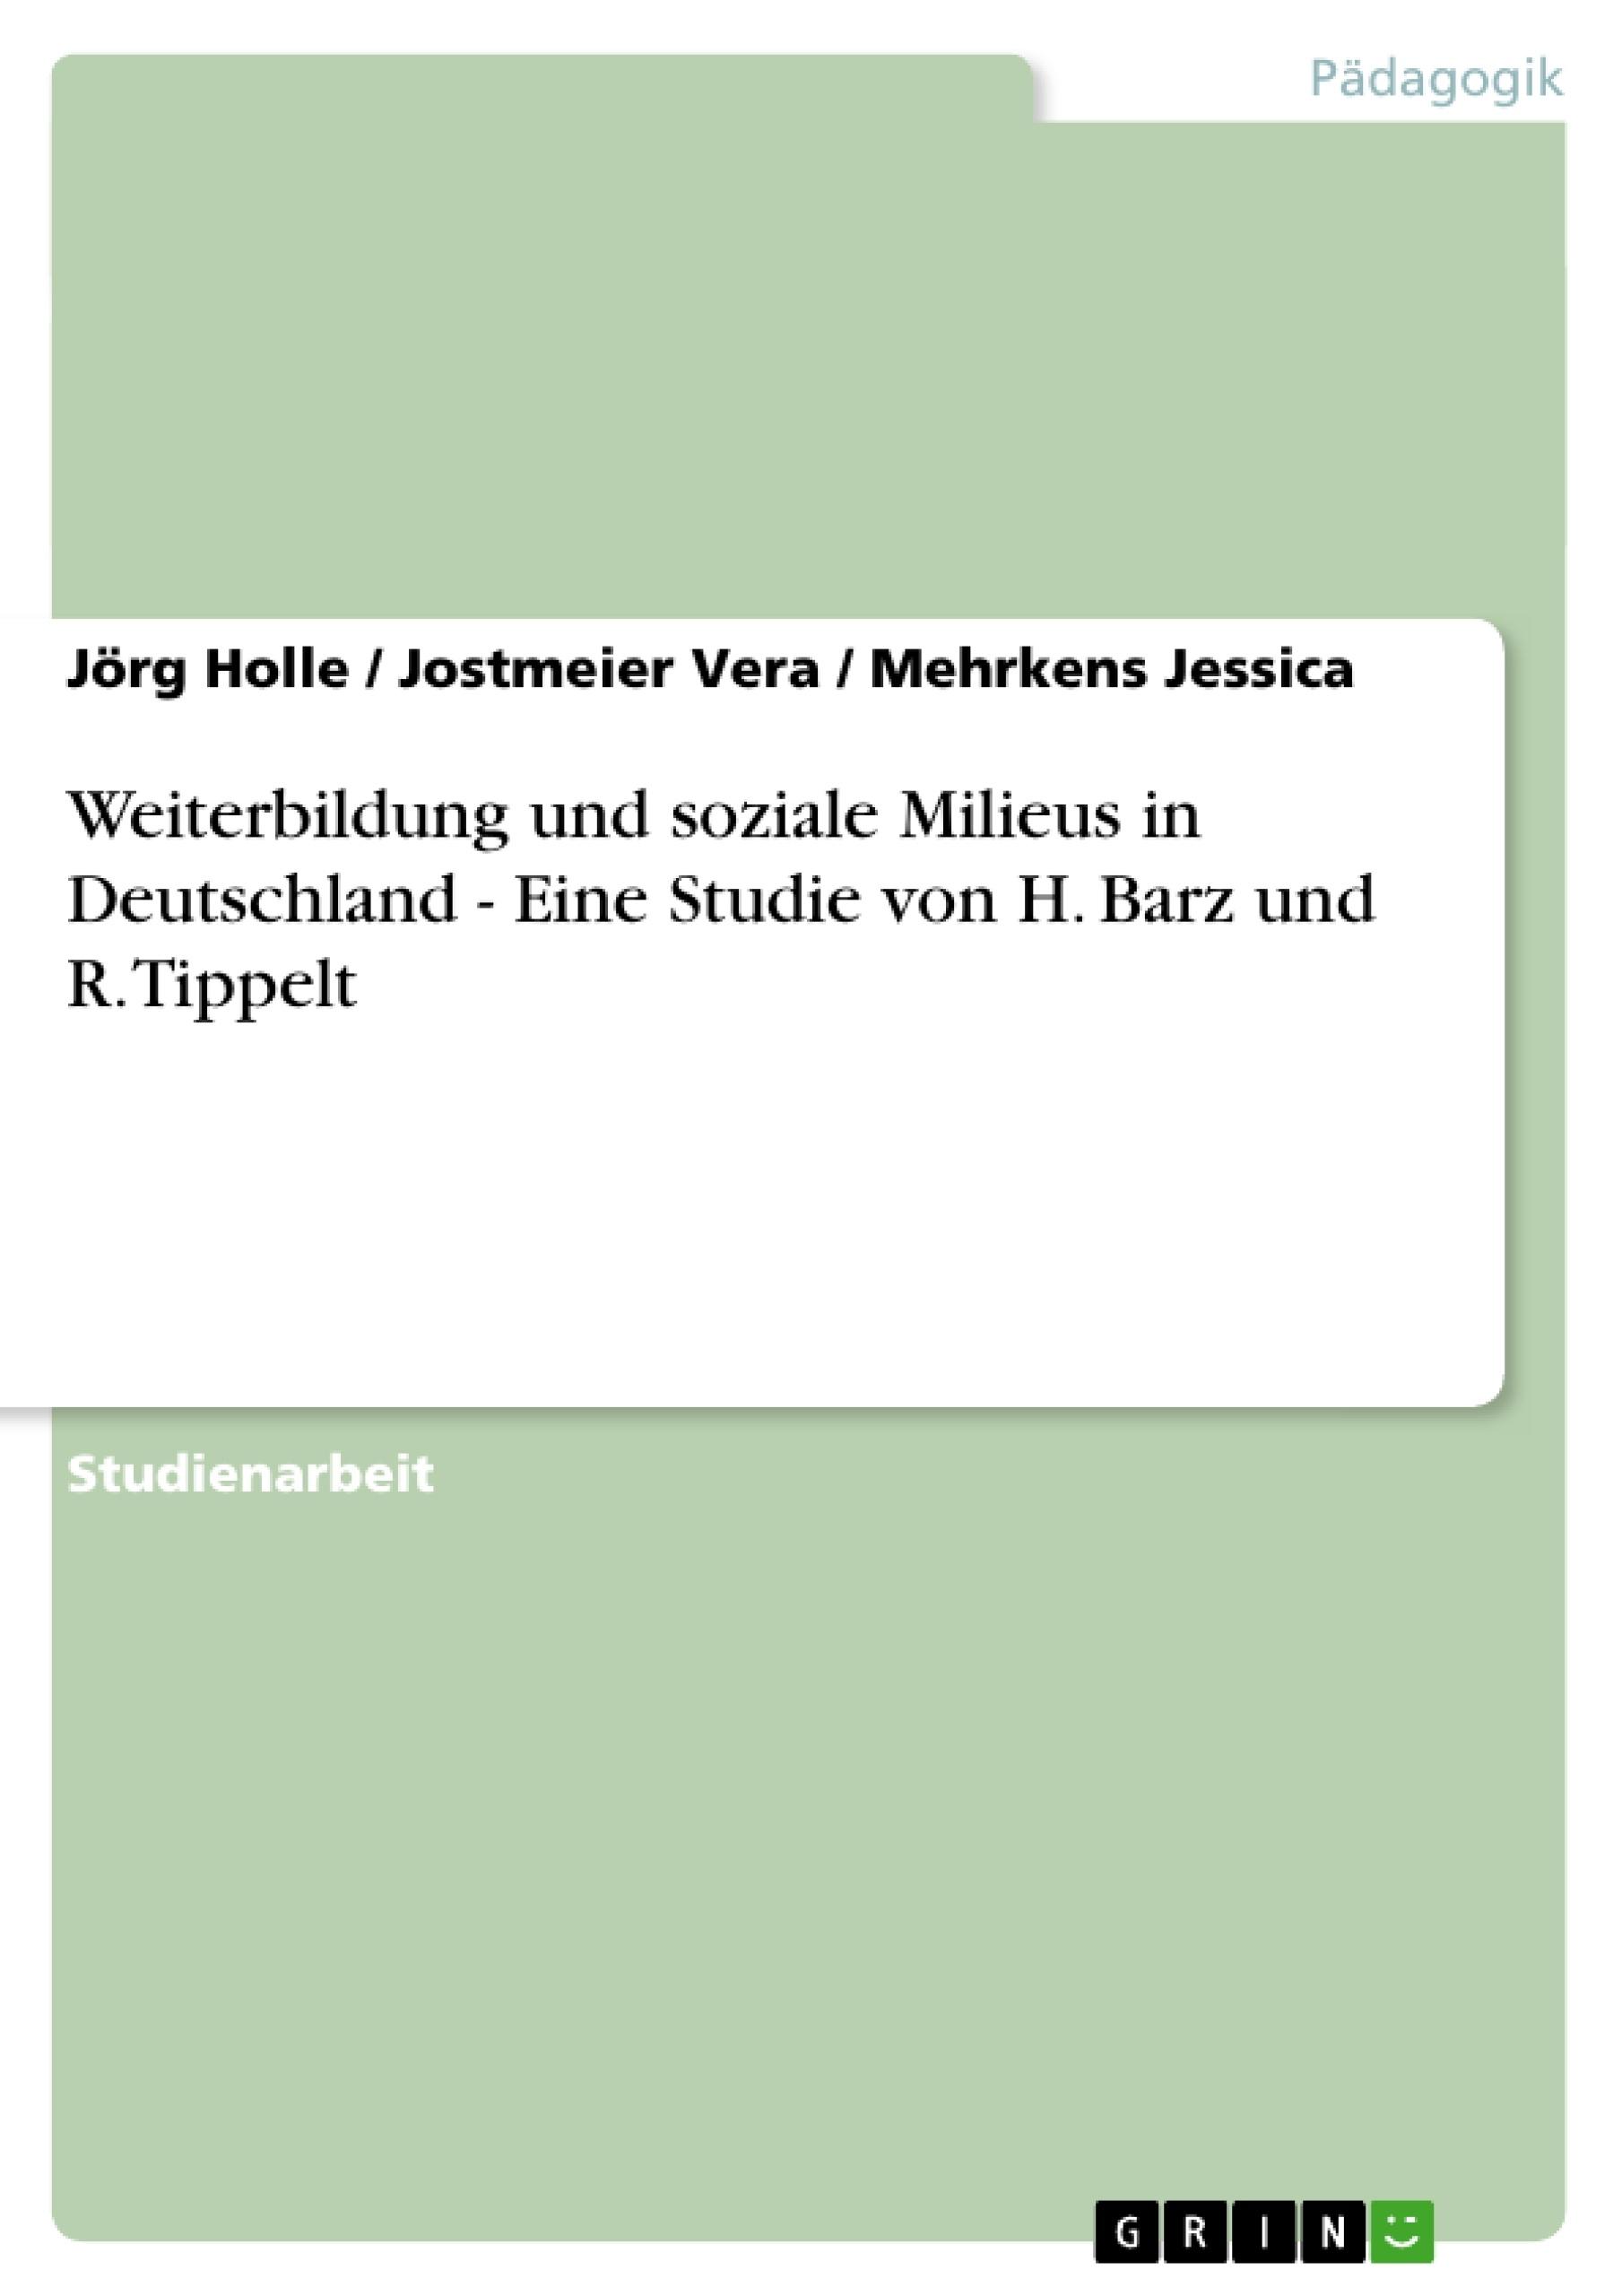 Titel: Weiterbildung und soziale Milieus in Deutschland  -  Eine Studie von H. Barz und R. Tippelt